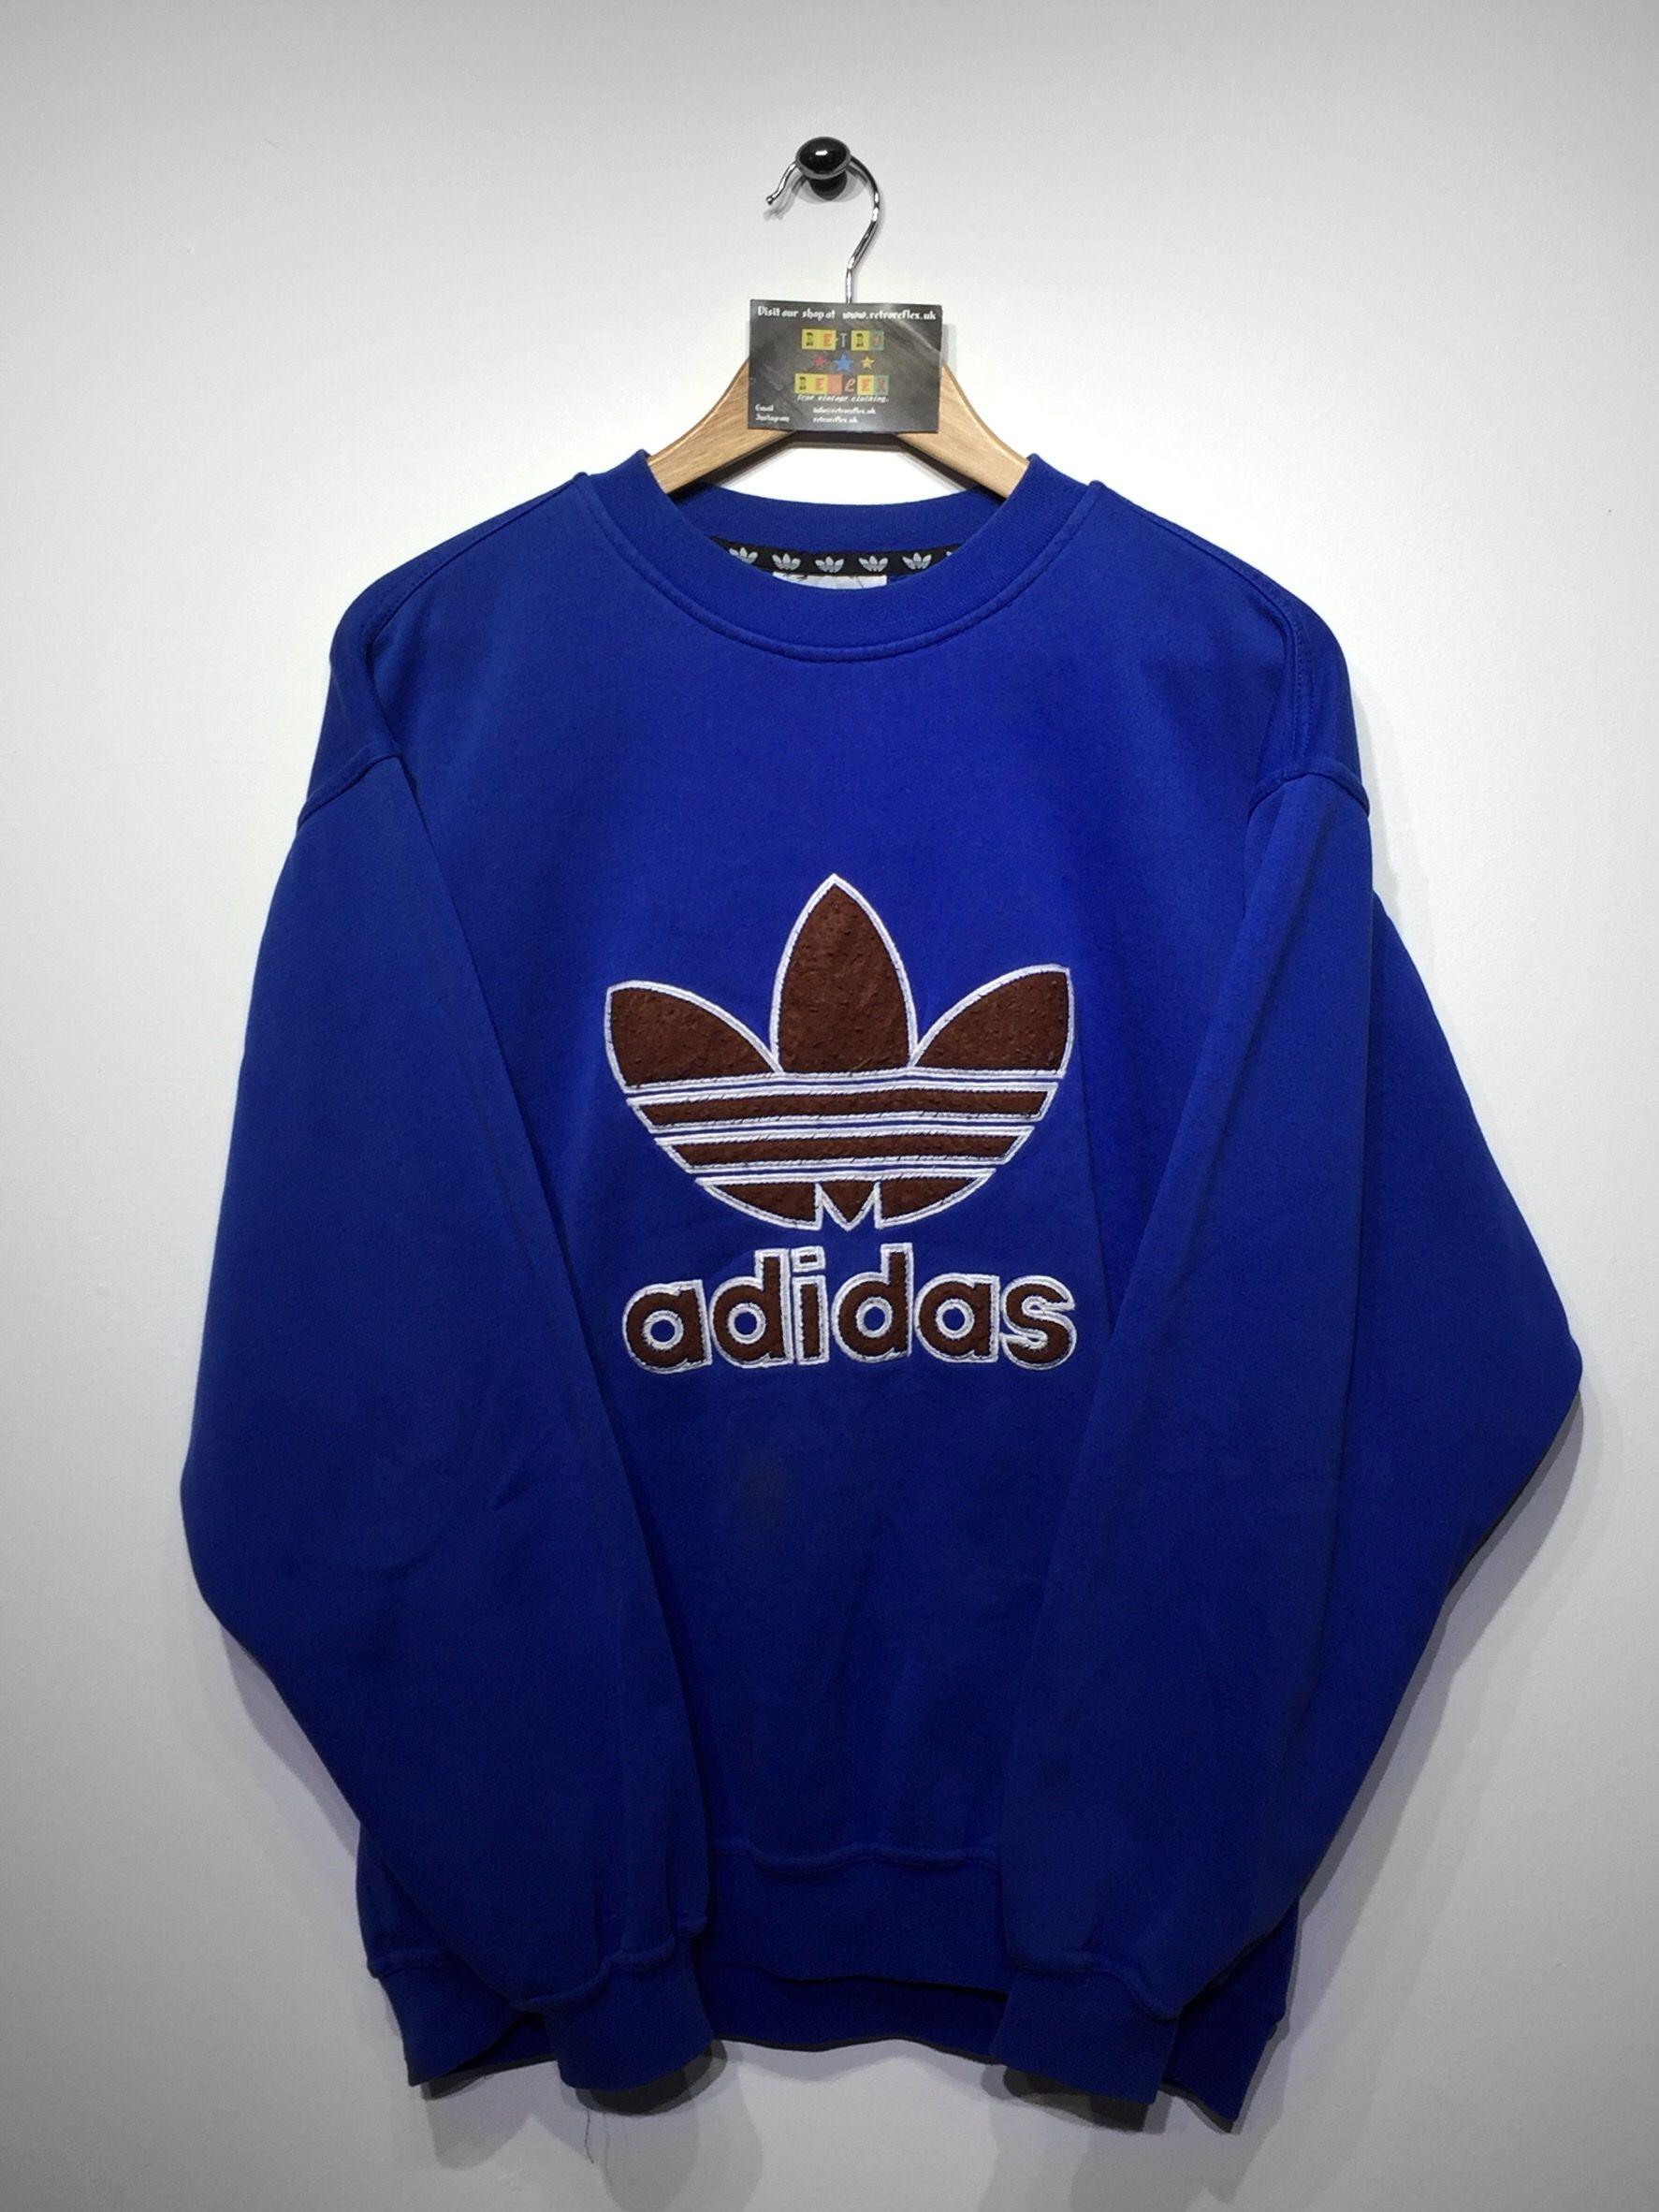 Adidas Sweatshirt size Small (but Fits Oversized) £36